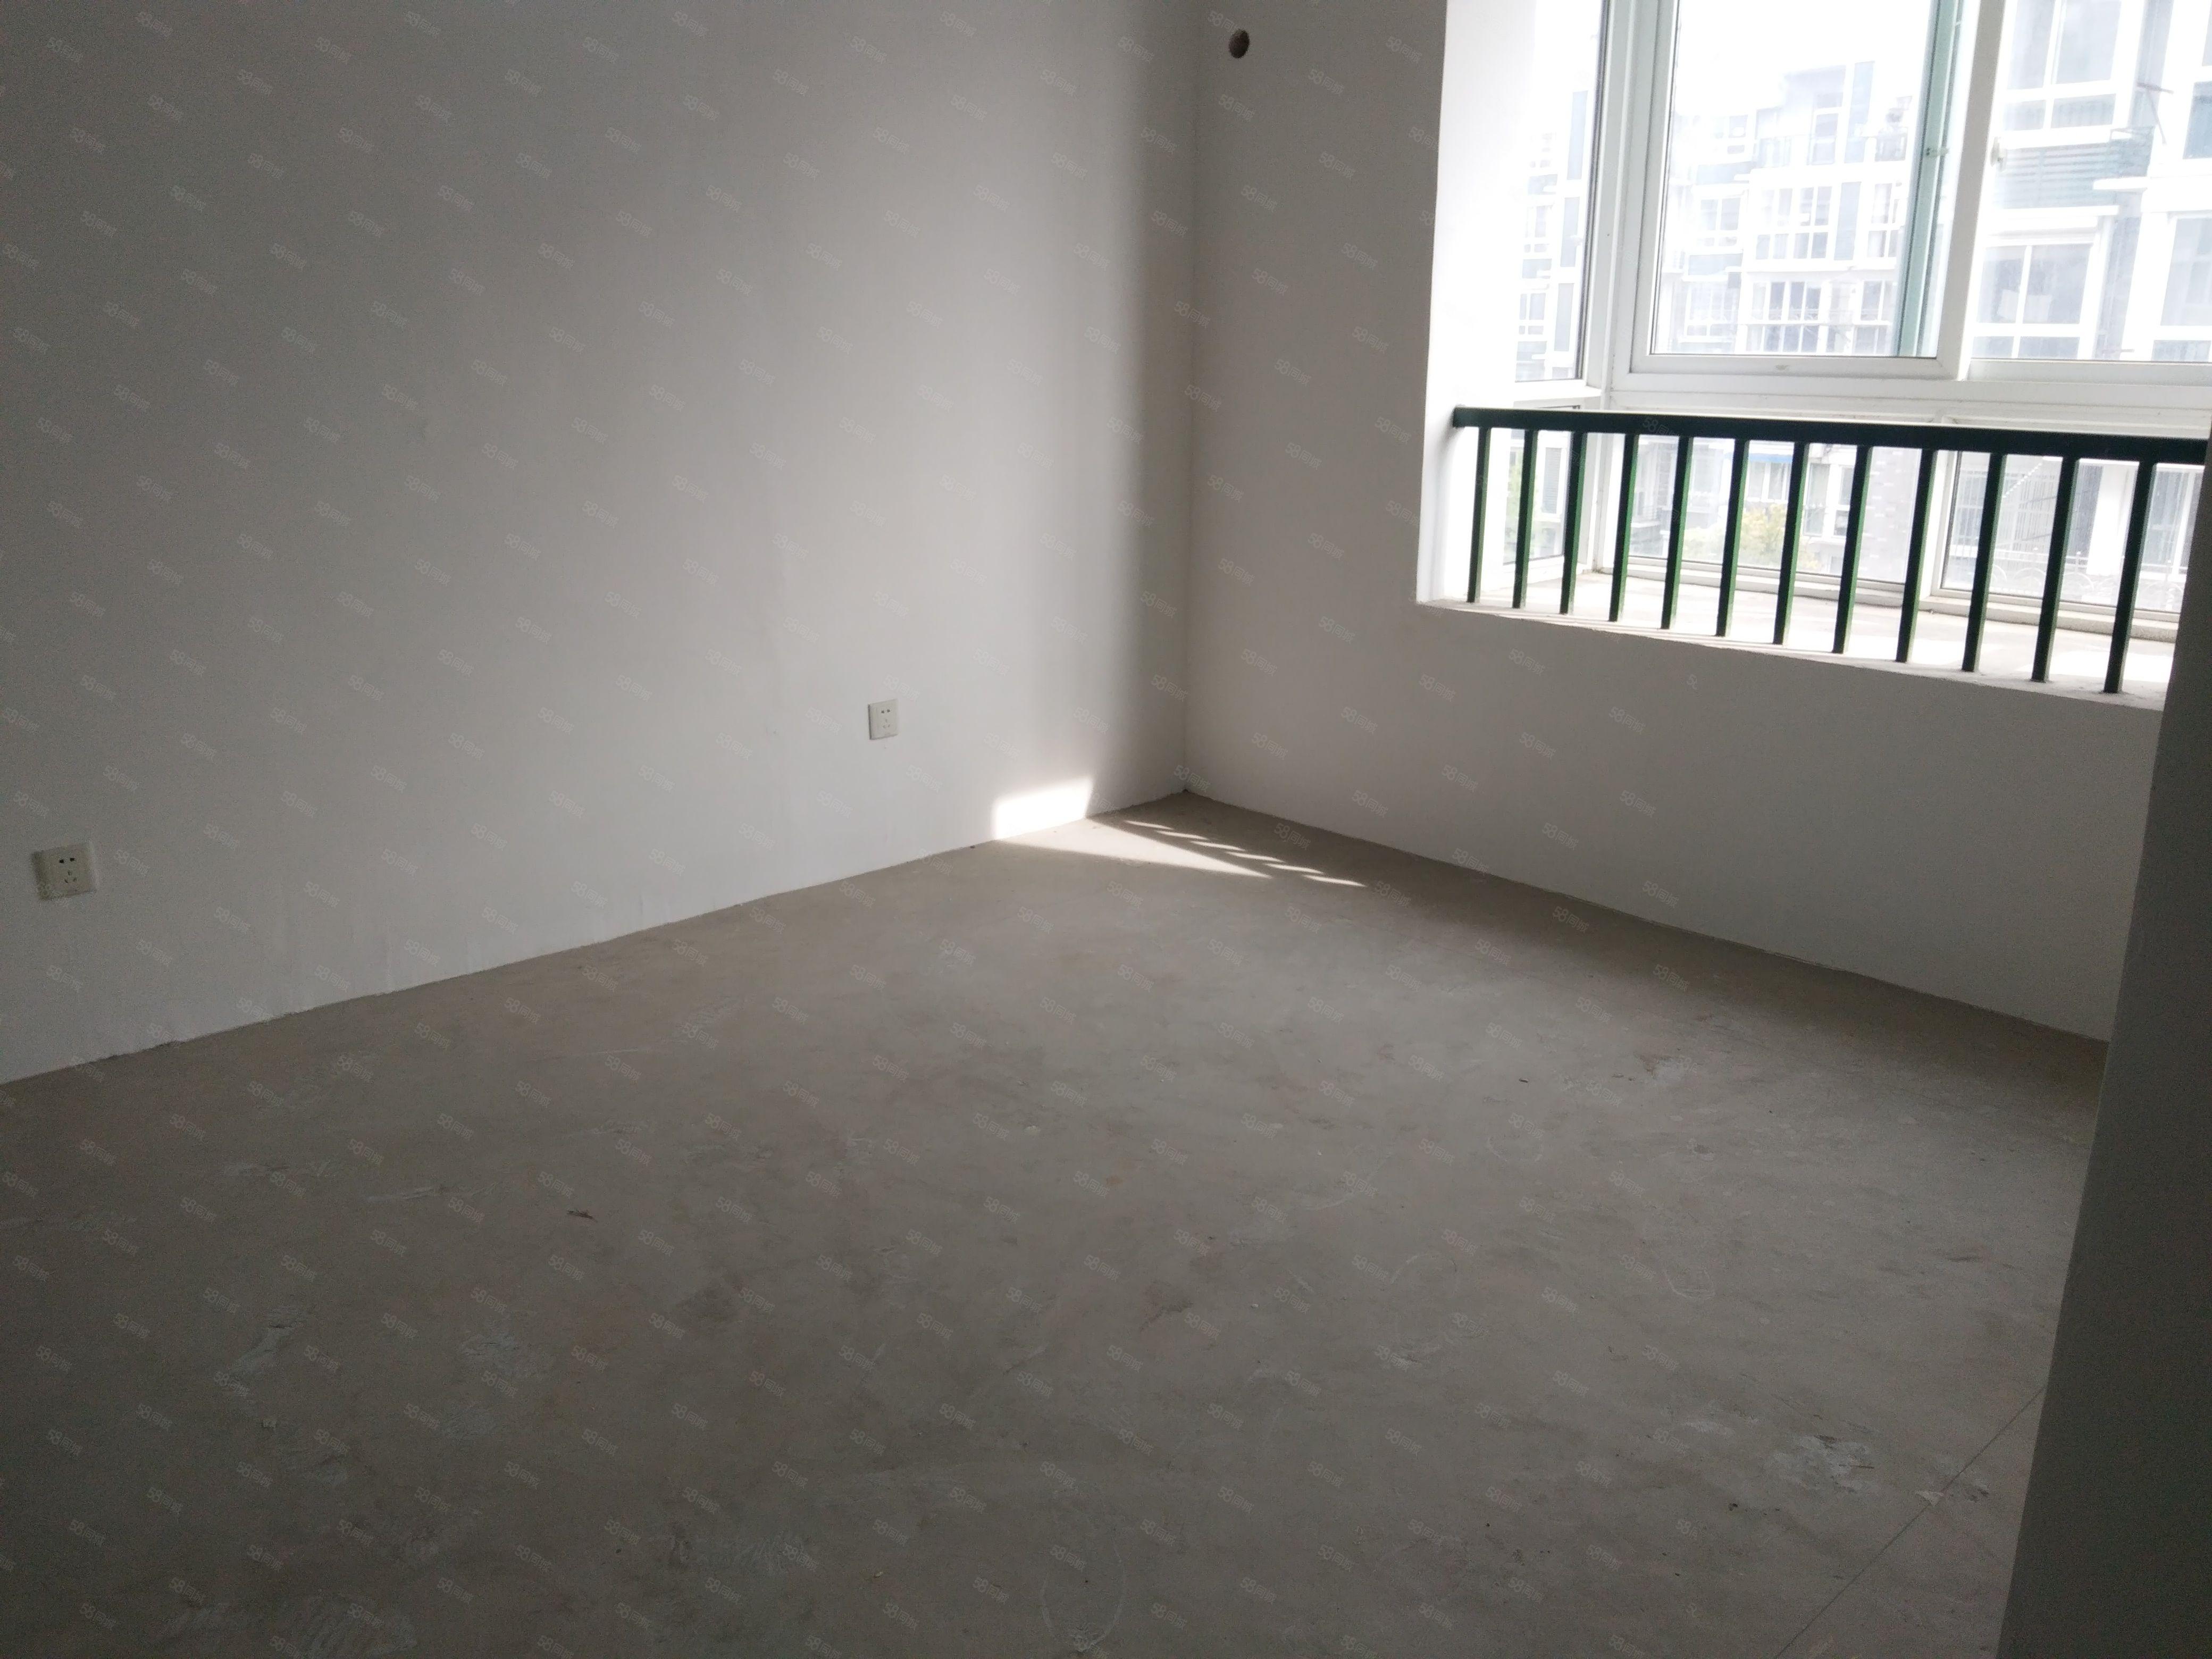 惠萍家园,二室一厅一卫,拆迁户省税。